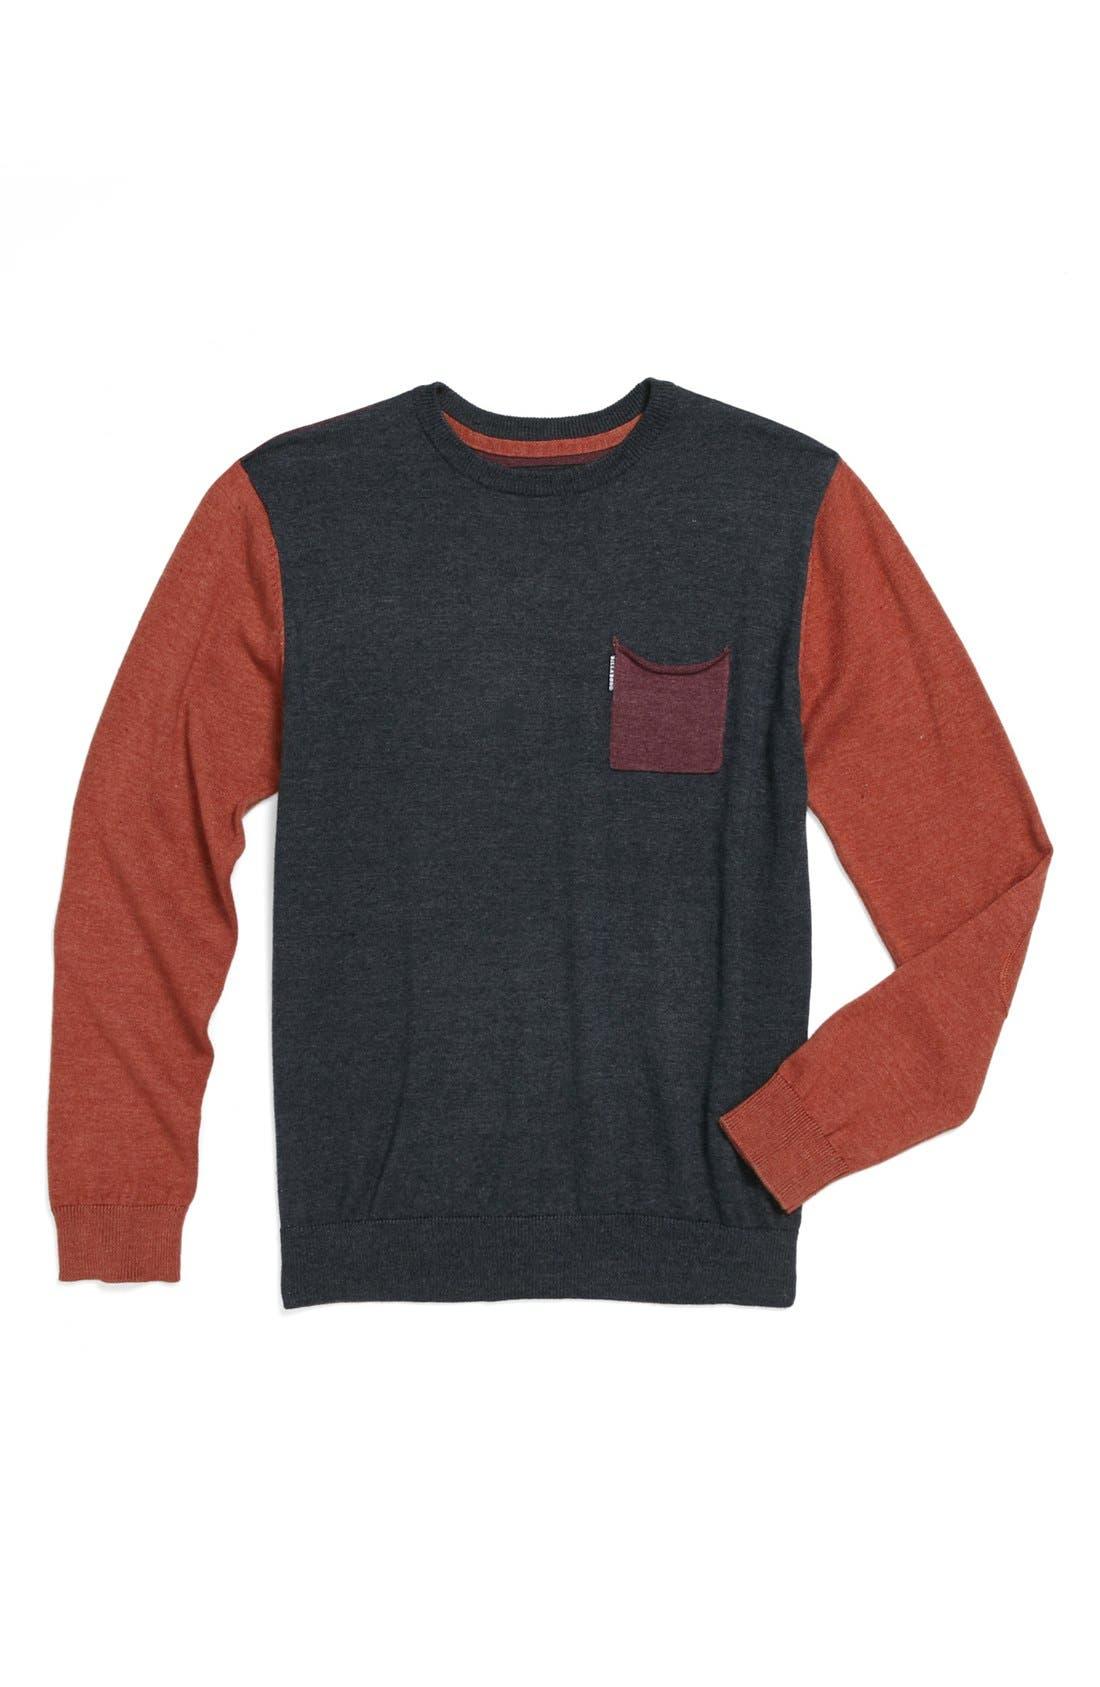 Main Image - Billabong 'Distress' Colorblock Crewneck Sweater (Big Boys)